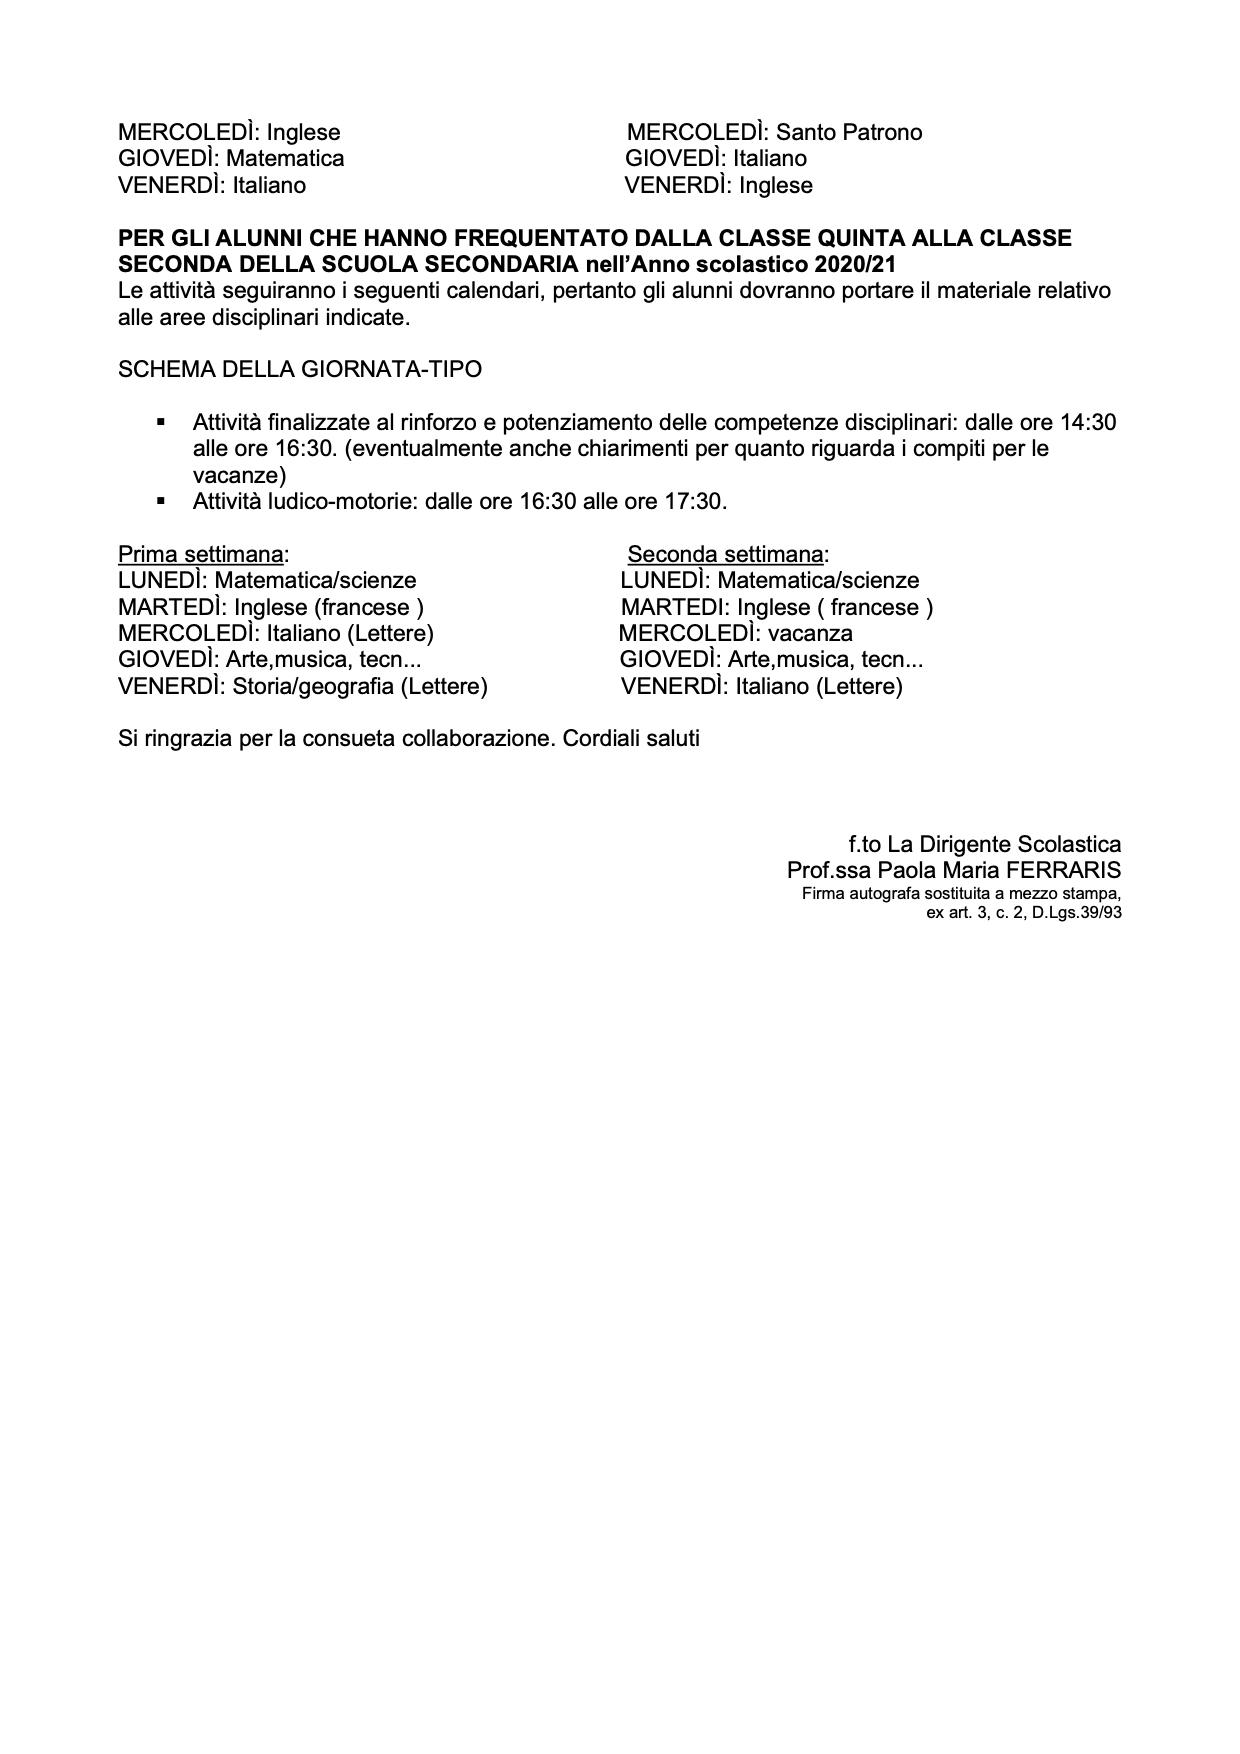 bp210900-ScuolaEstiva-Circ158_Famiglie_ISCRITTI_EE_MM_Comunicazione_AVVIO_piano-estate-2